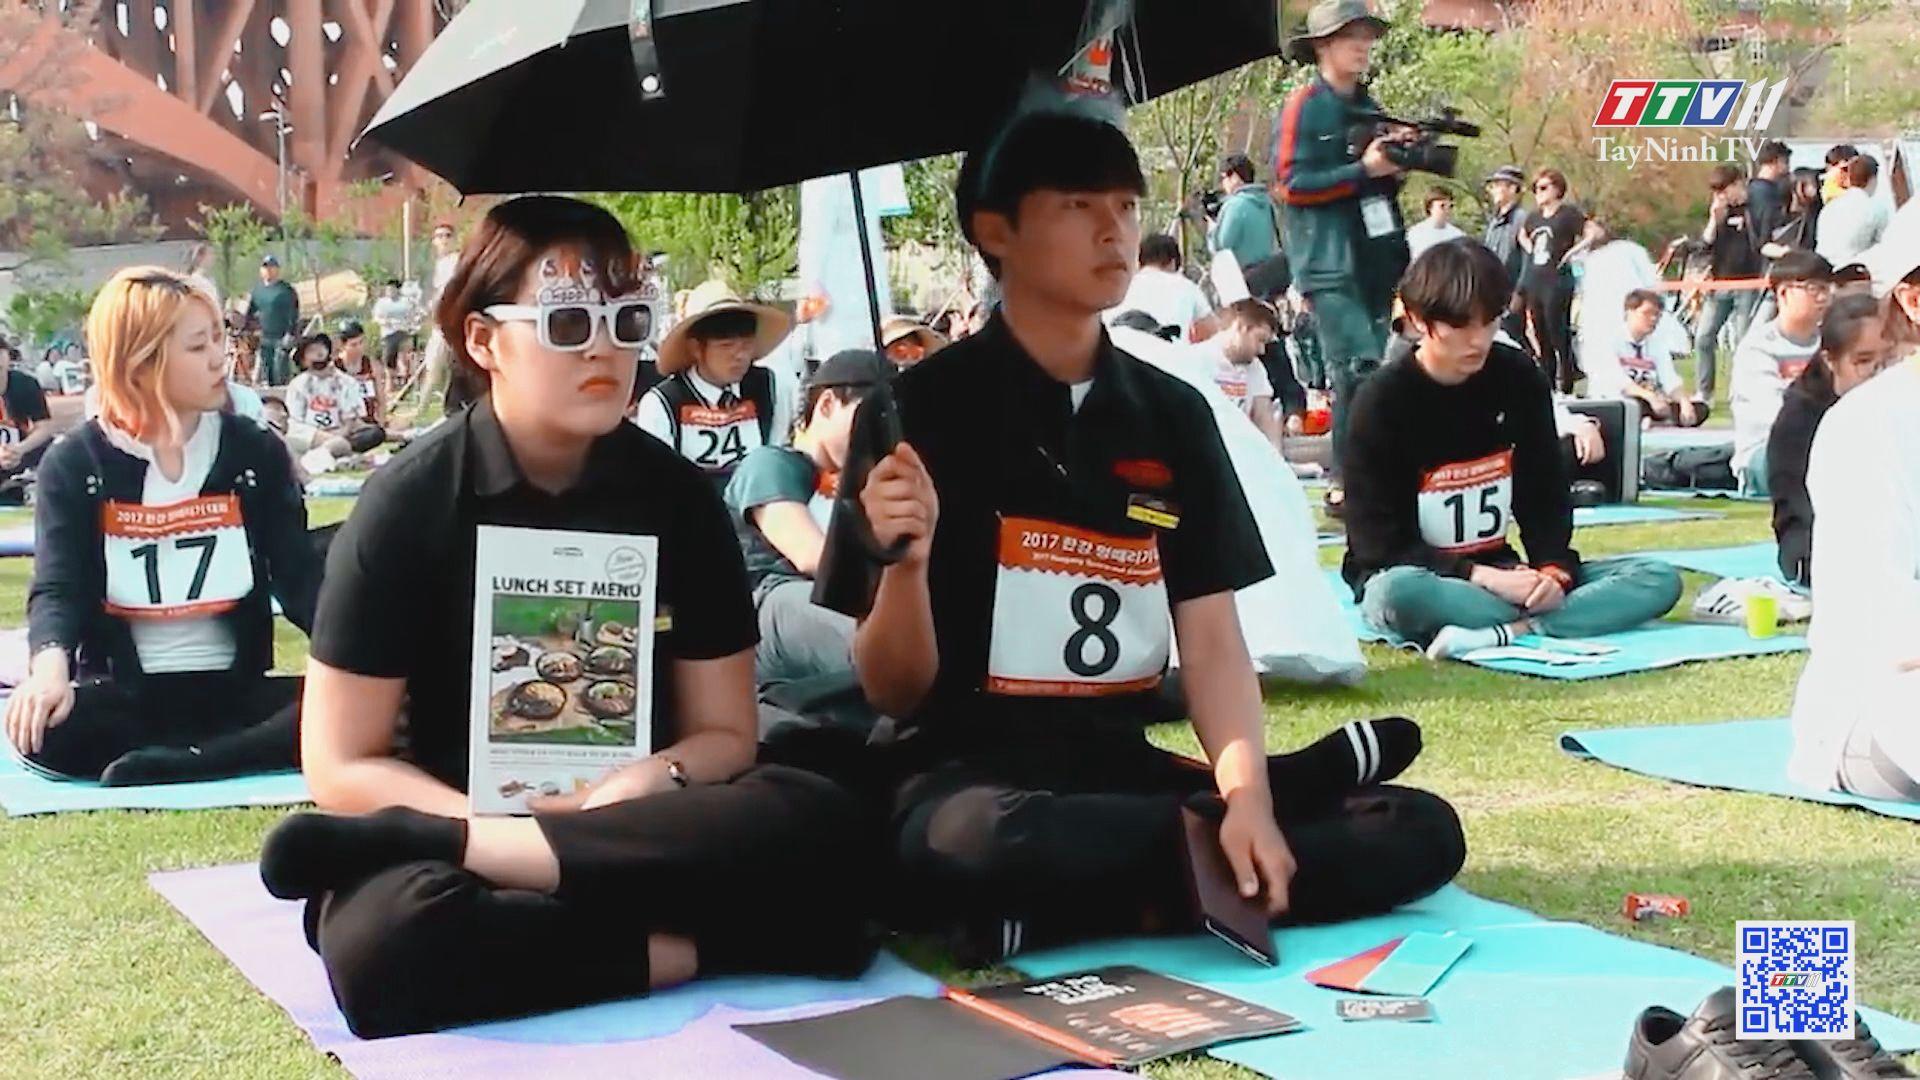 Cuộc thi ngồi không độc nhất vô nhị | CHUYỆN ĐỘNG TÂY KỲ THÚ | TayNinhTV